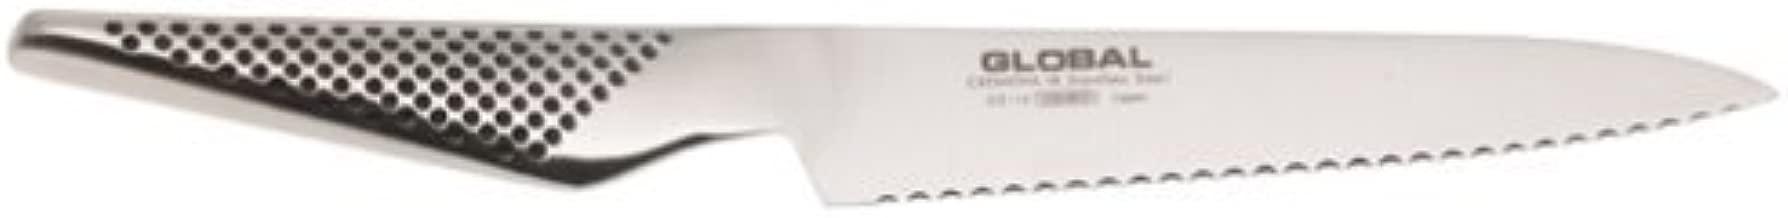 serrated global knife